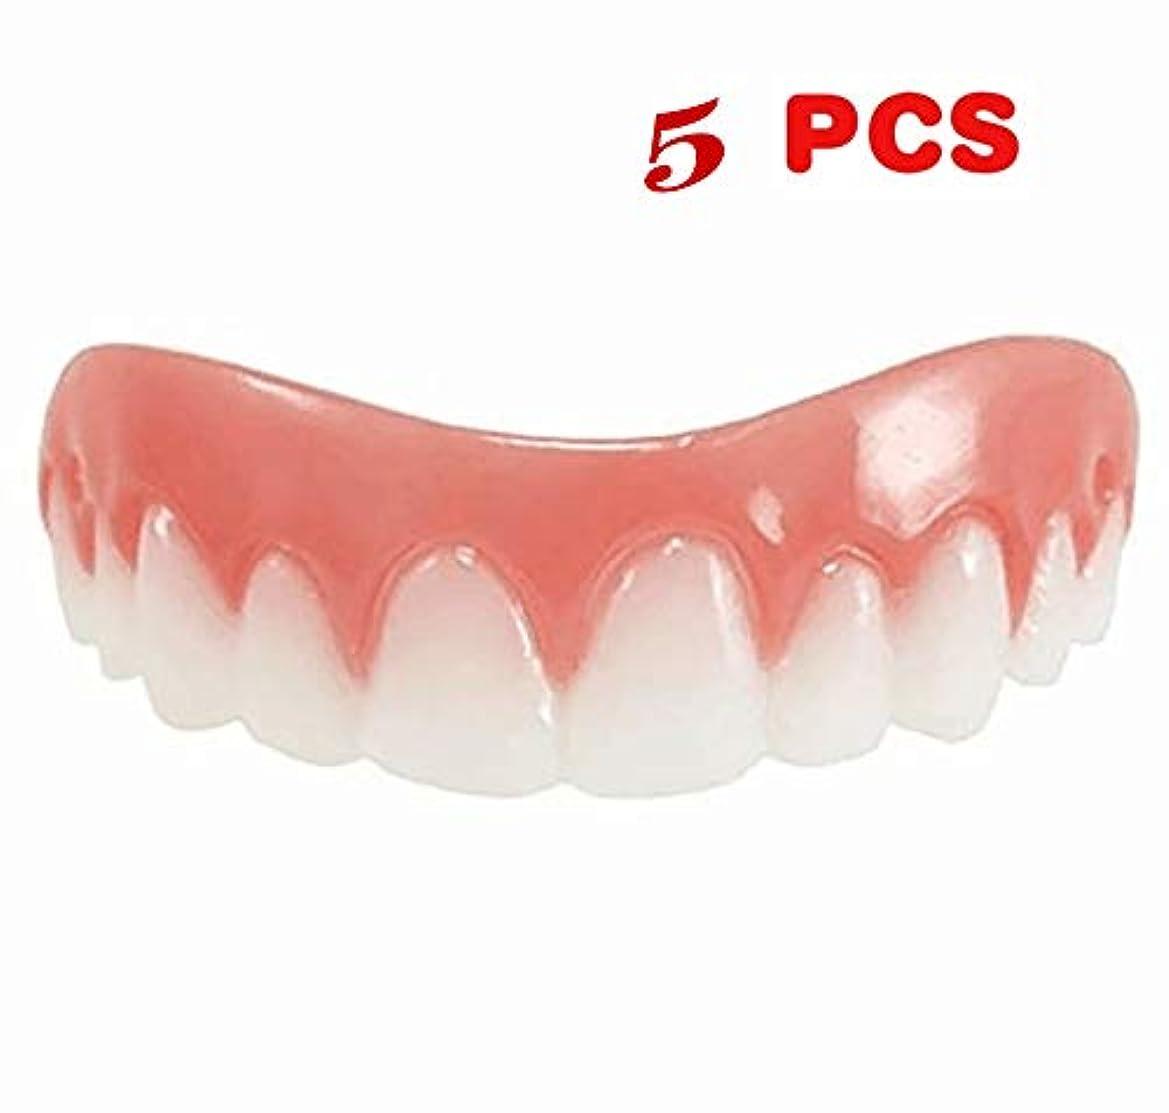 敗北瀬戸際趣味新しい再利用可能な大人のスナップオンパーフェクトスマイルホワイトニング義歯フィットフレックス化粧品歯快適なベニアカバーデンタルケアアクセサリー